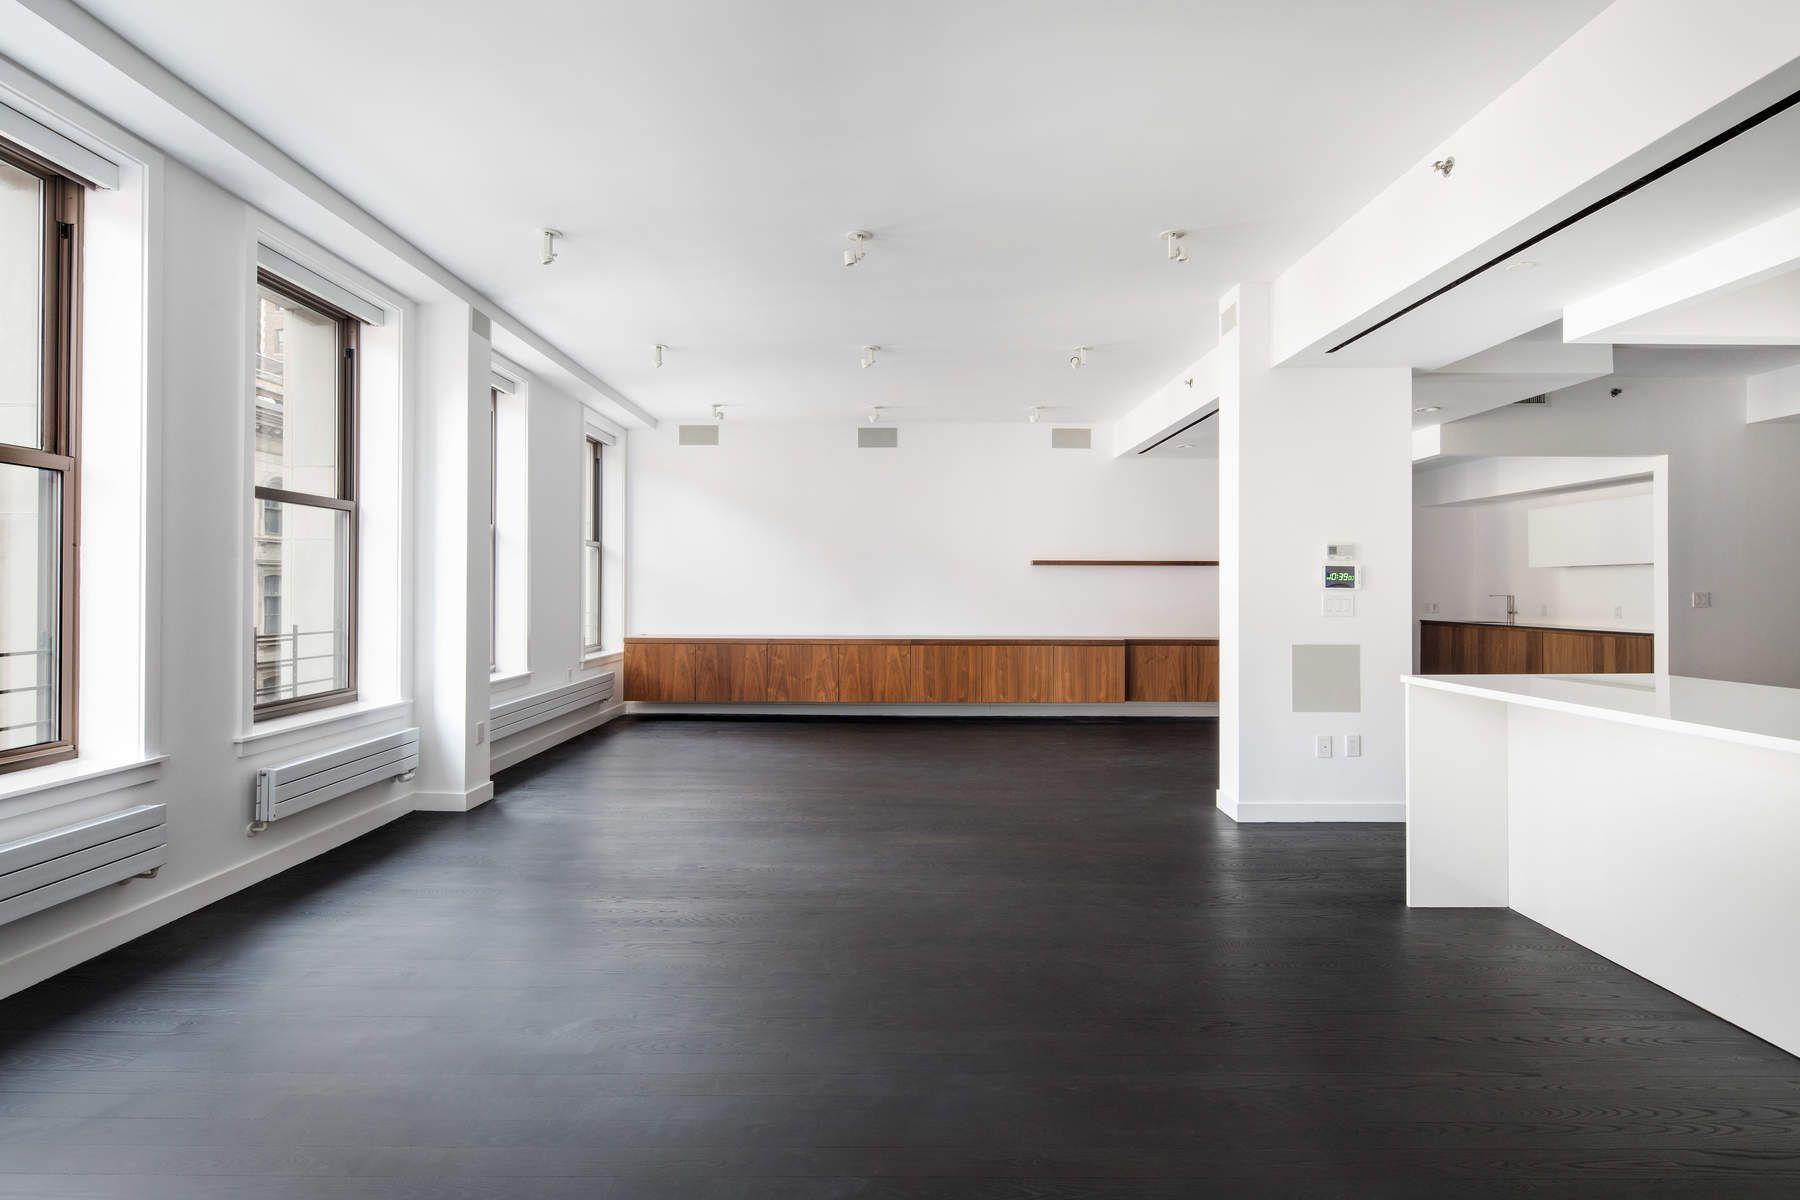 共管式独立产权公寓 为 销售 在 3 Bedroom Plus Home Office Tribeca Loft 77 Reade Street Apt 5AC, Tribeca, 纽约, 纽约州, 10007 美国